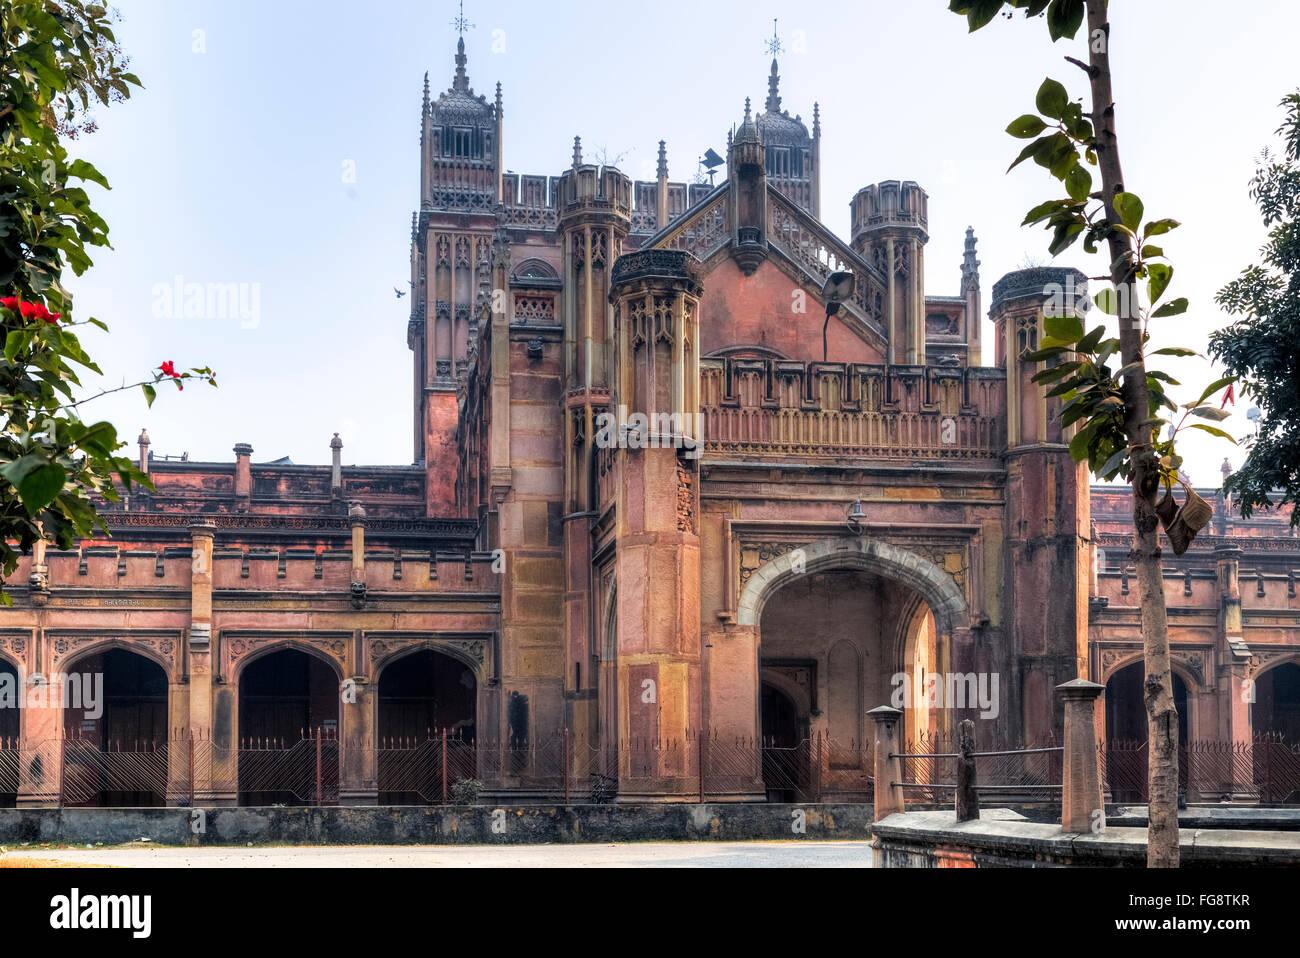 Banaras Hindu University, Varanasi, Uttar Pradesh, India - Stock Image